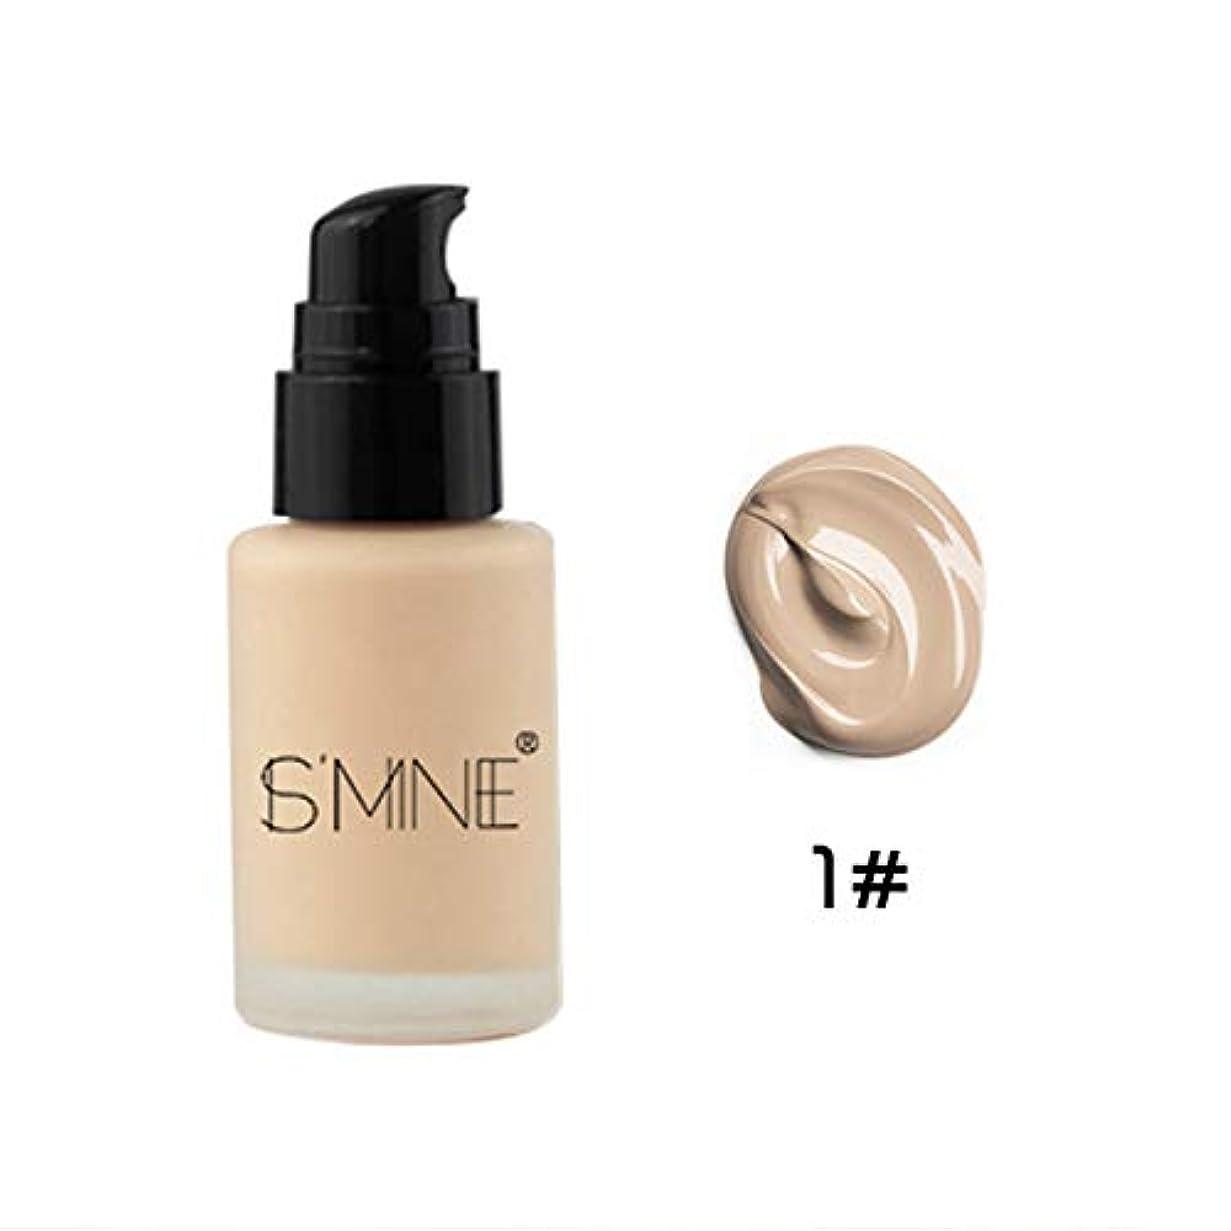 身元ディベート磁気Symboat BBクリーム 女性 フェイスコンシーラー 美白 保湿 防水 ロングラスティングメイクアップ 健康的な自然な肌色 素肌感 化粧品